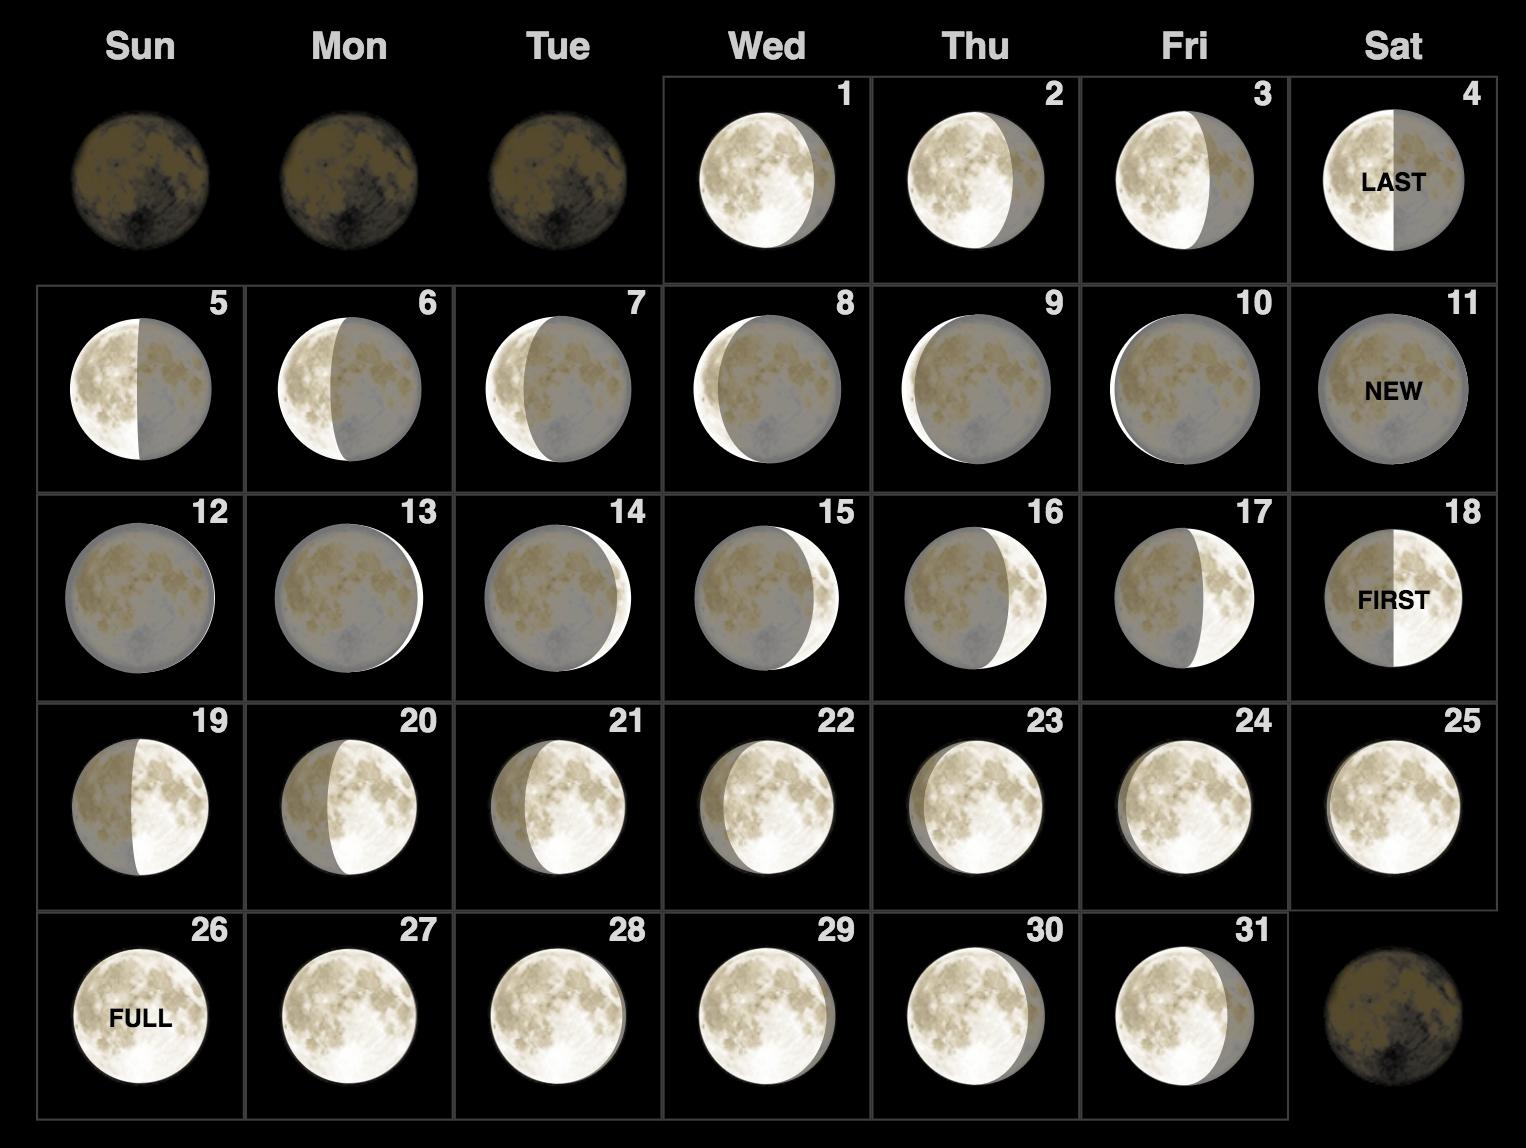 New Moon September 2019 New Moon Phases For July 2019 Calendar, Full Moon Calendar July 2019